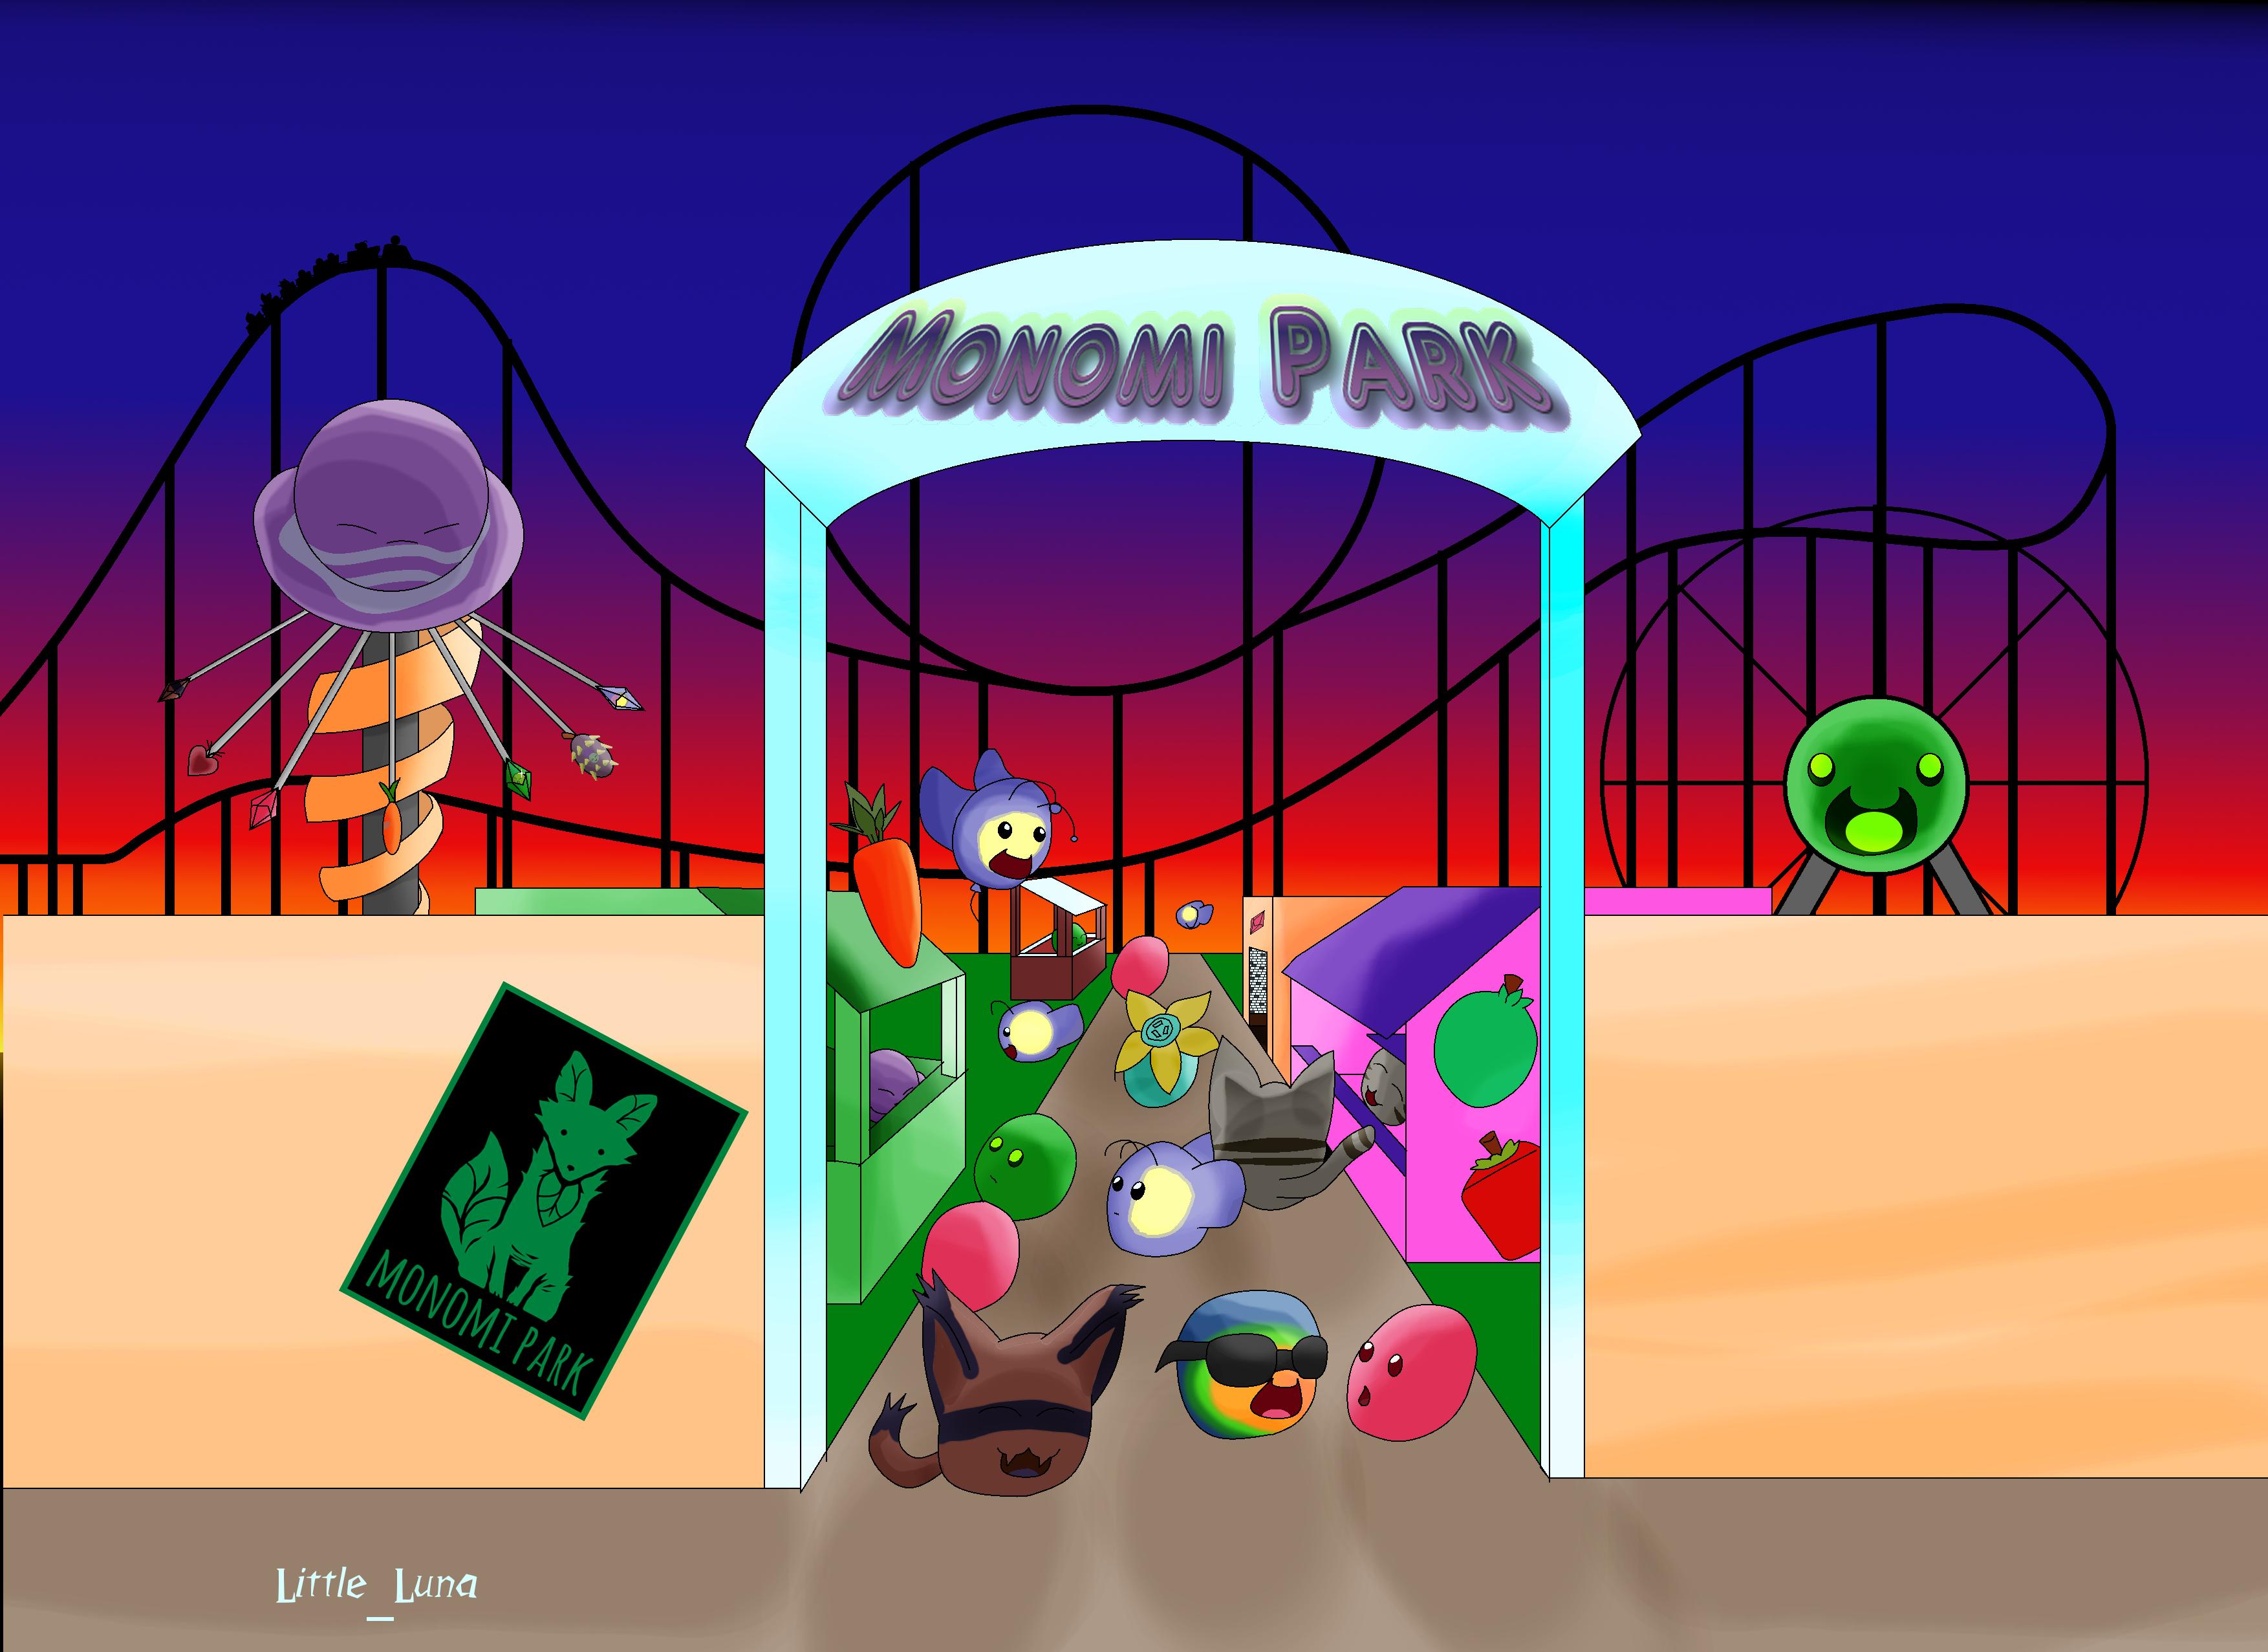 Monomi Park